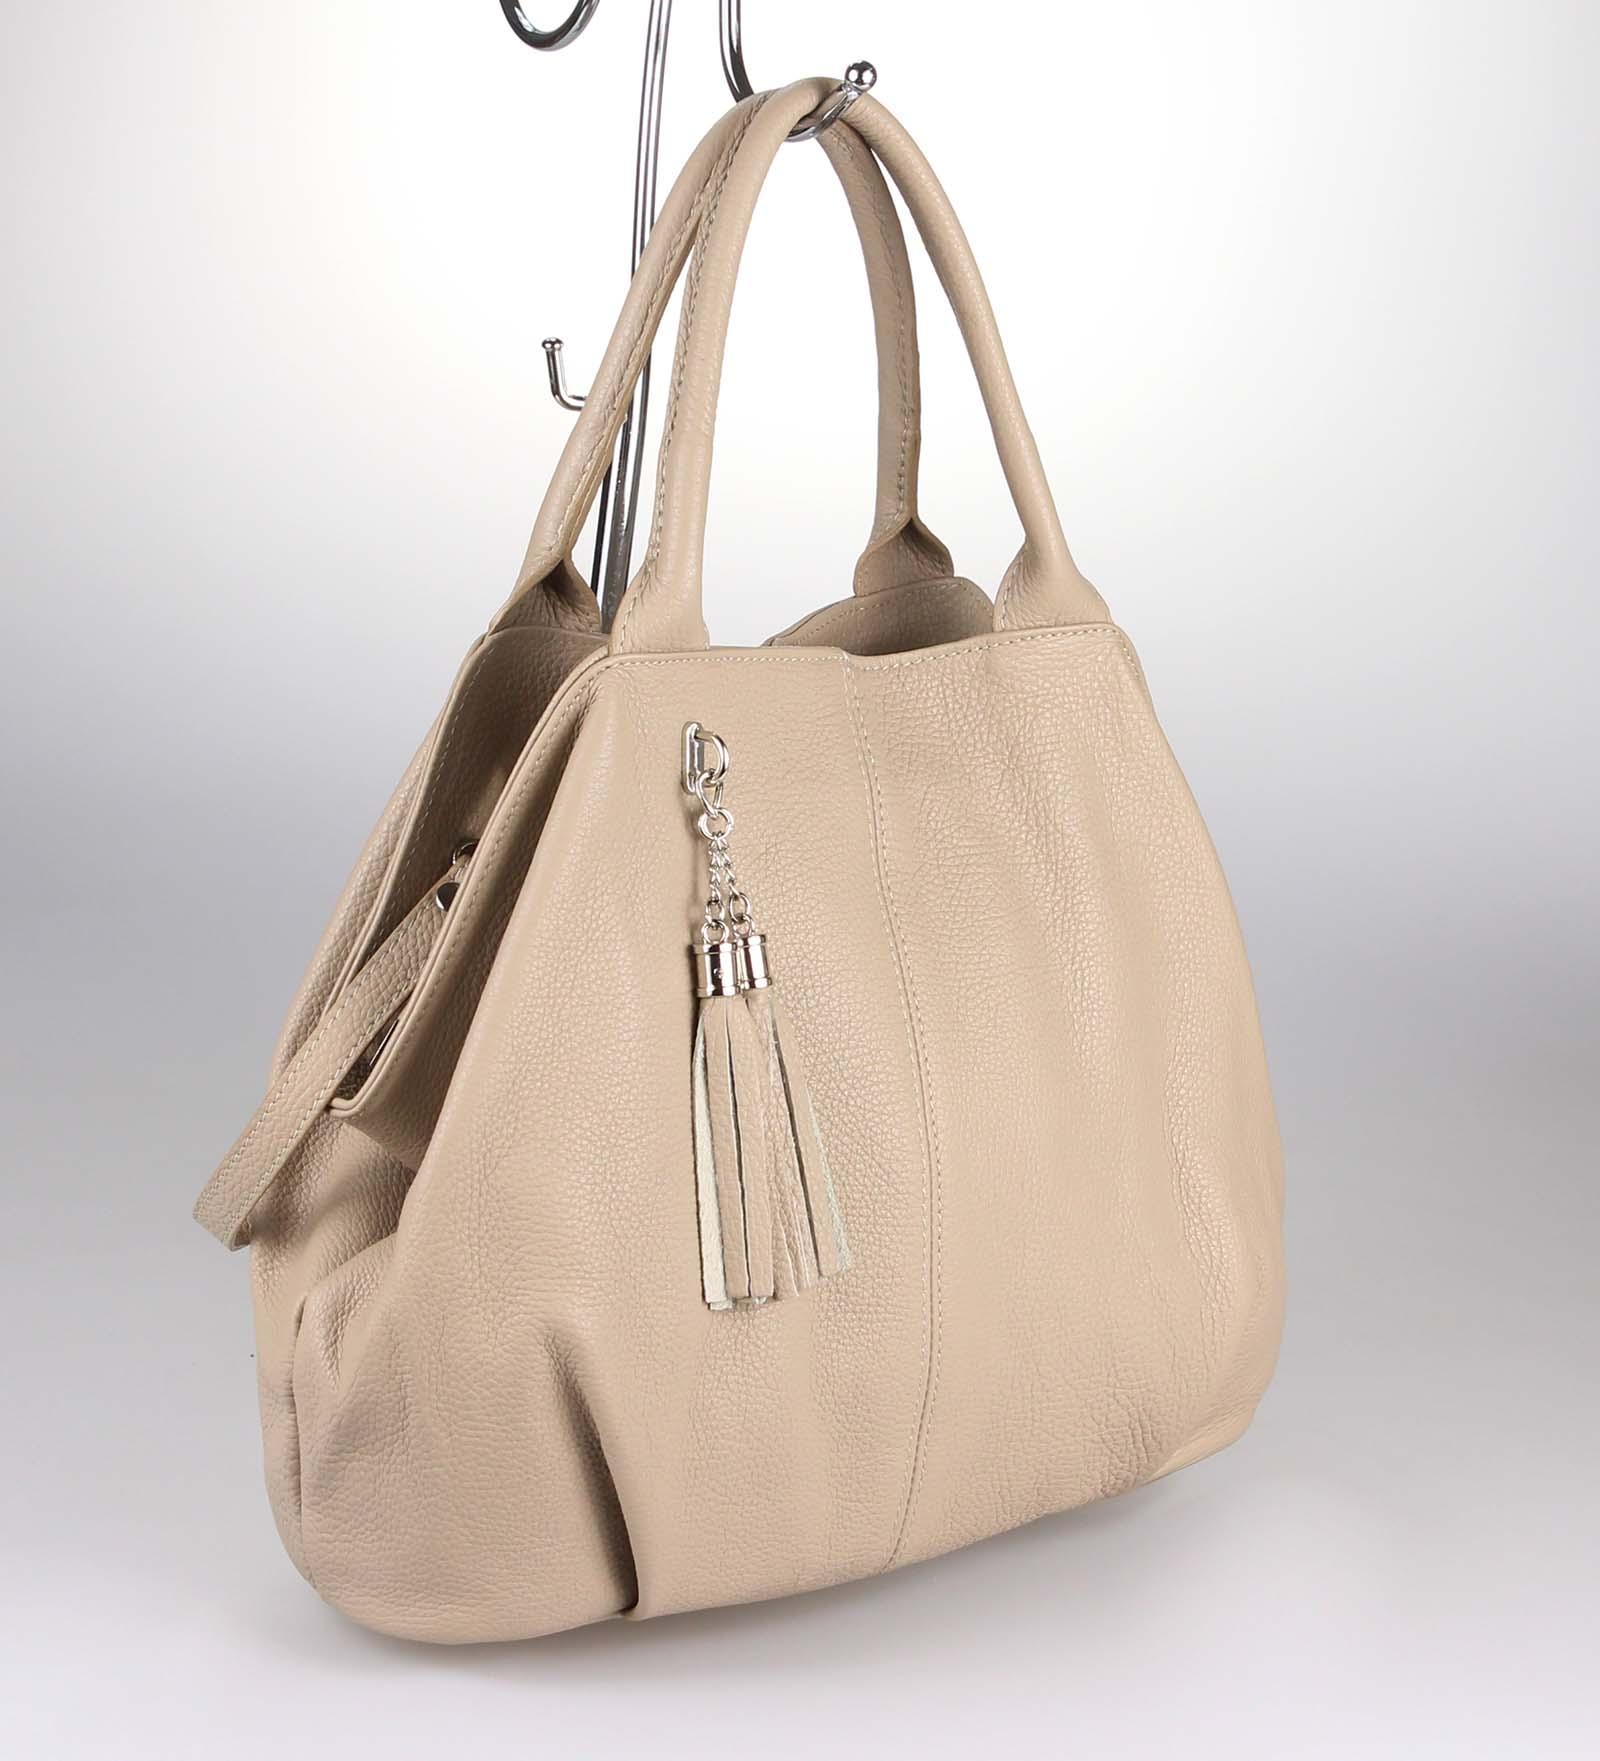 ITALY-LEDER-SHOPPER-Umhaengetasche-Schulter-Hand-Tasche-Damentasche-Ledertasche Indexbild 16